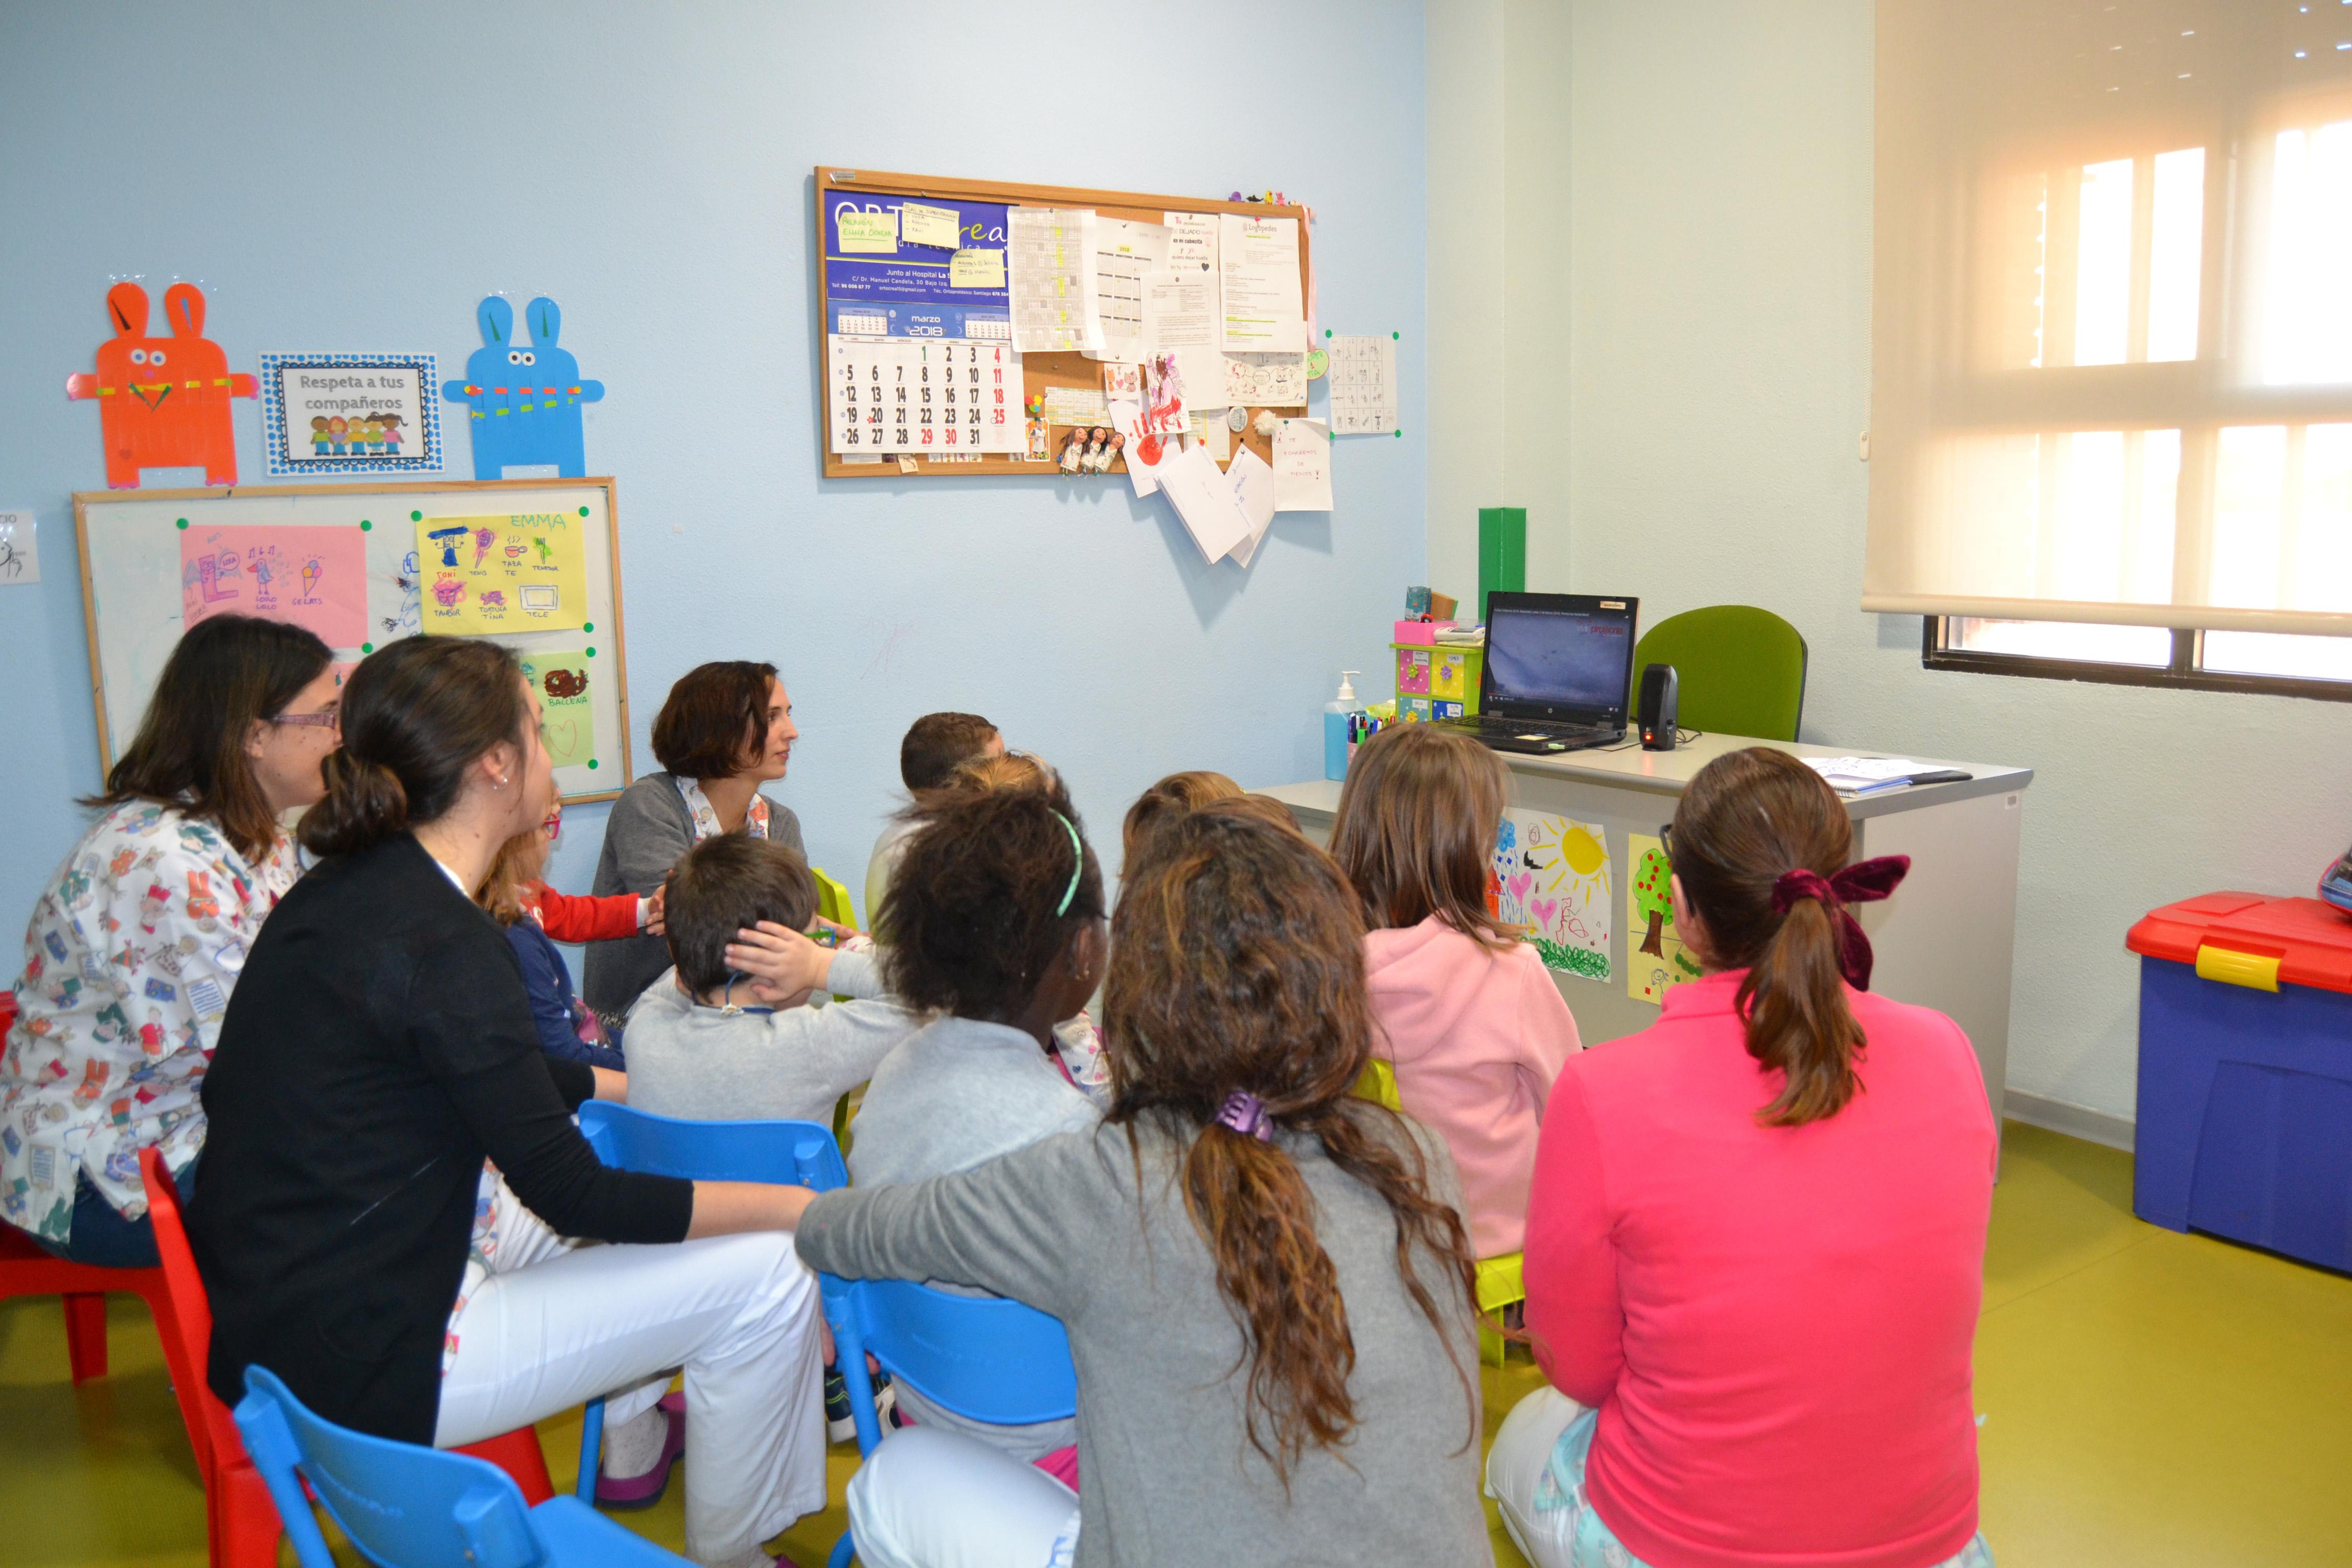 Alrededor de 400 niños se benefician de las terapias de la Unidad de Neurorrehabilitación Infantil del Hospital de Manises.